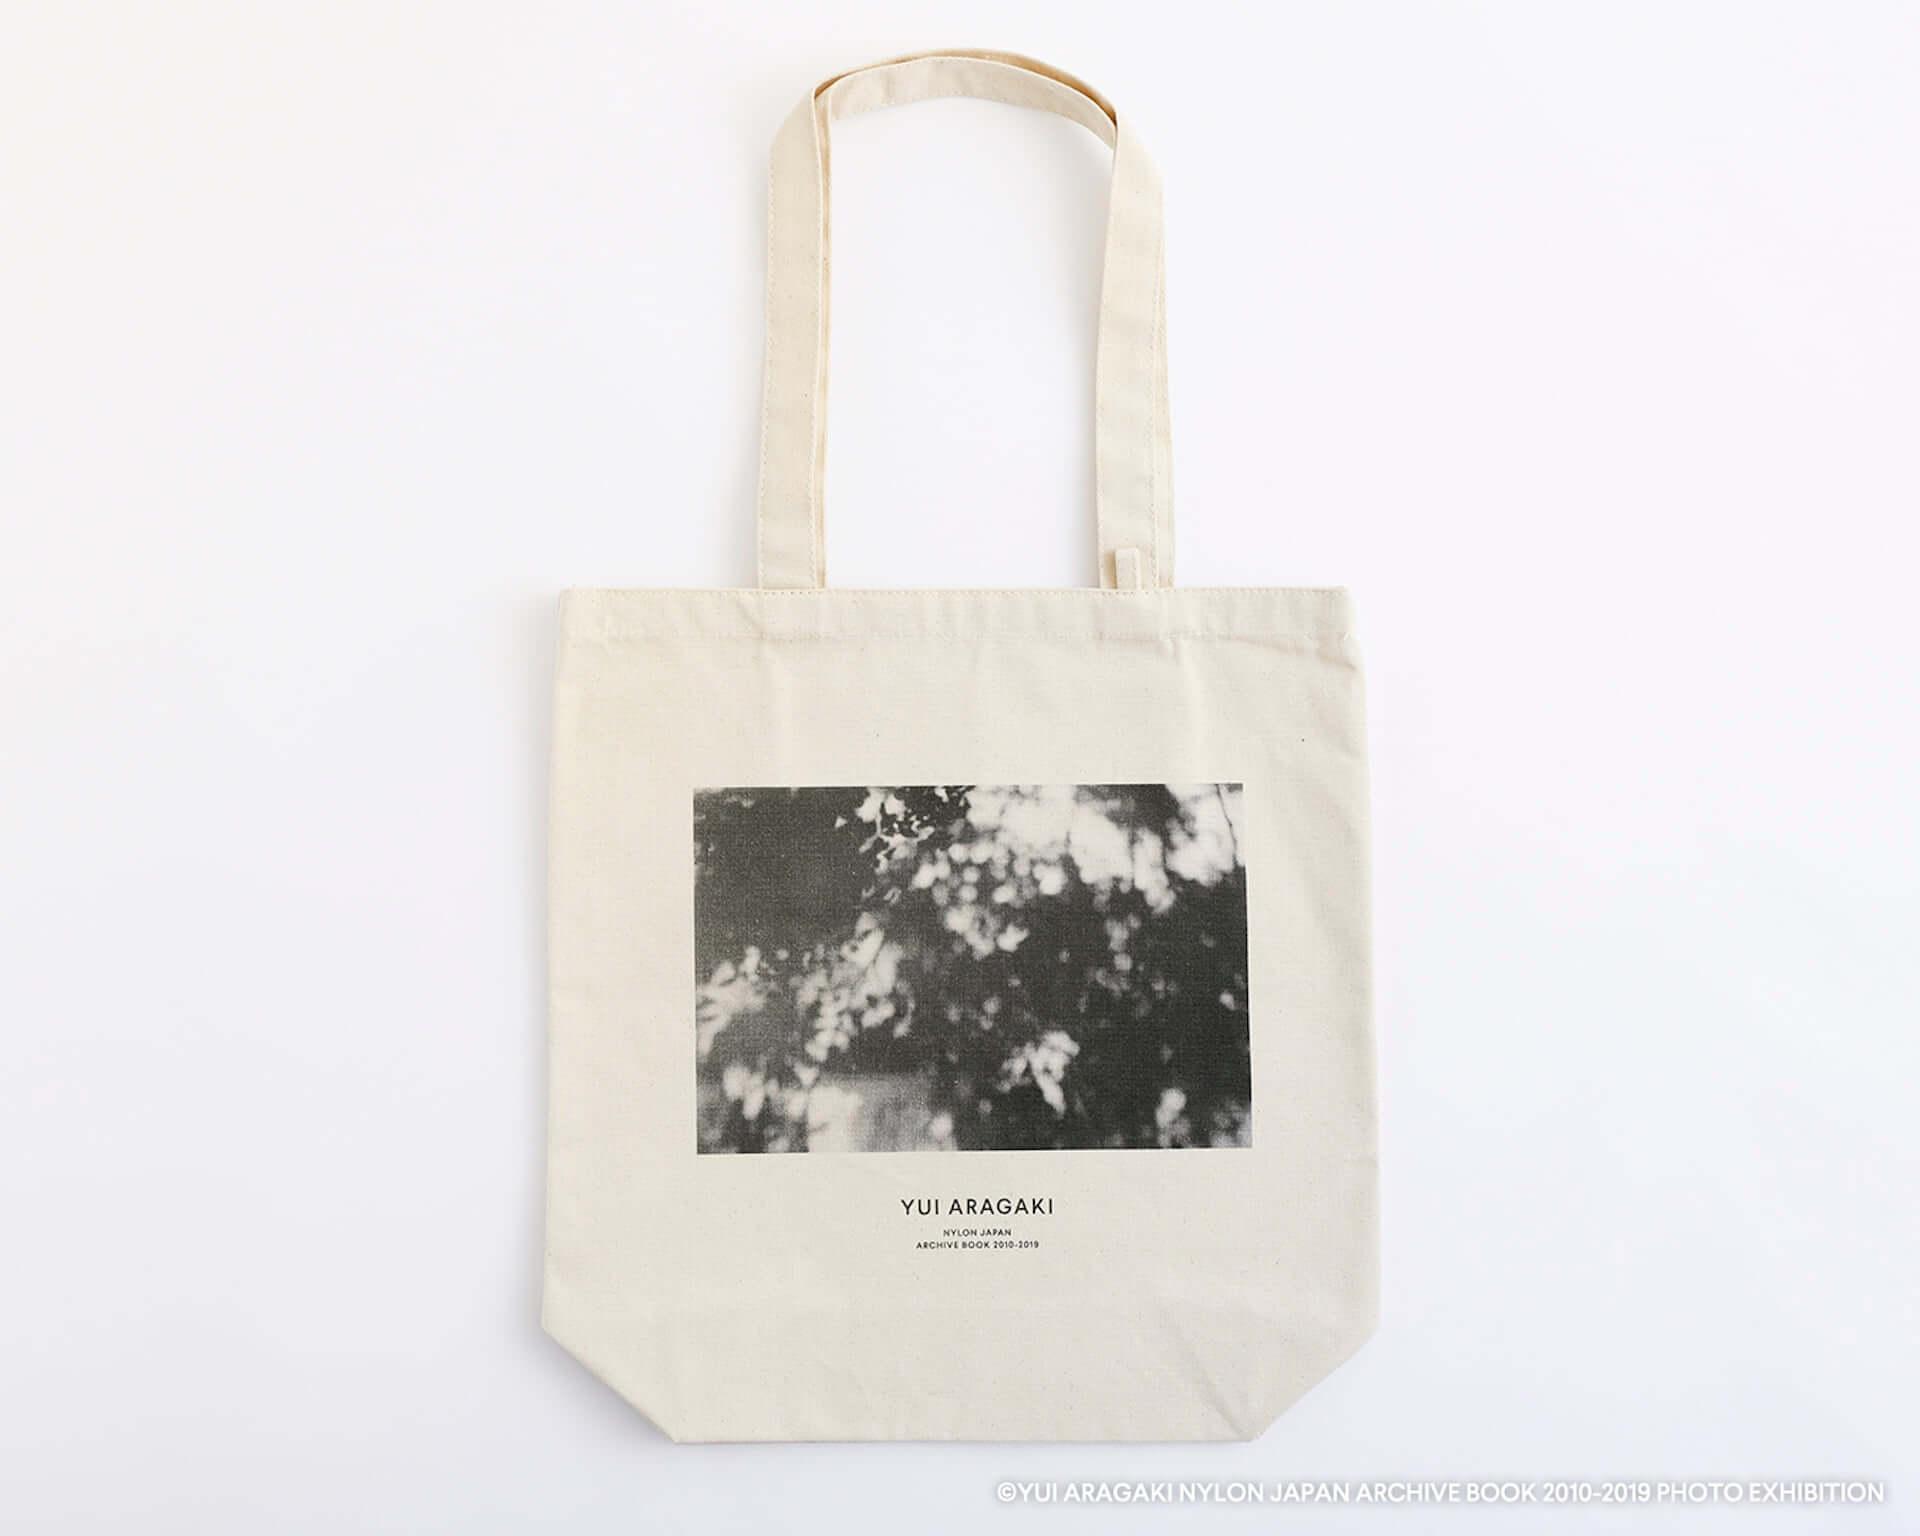 渋谷PARCOで大好評だった新垣結衣初の写真展が梅田ロフトでも開催決定!記念Tシャツ、トートバッグ、ポストカードも登場 art200803_yuiaragaki_9-1920x1536